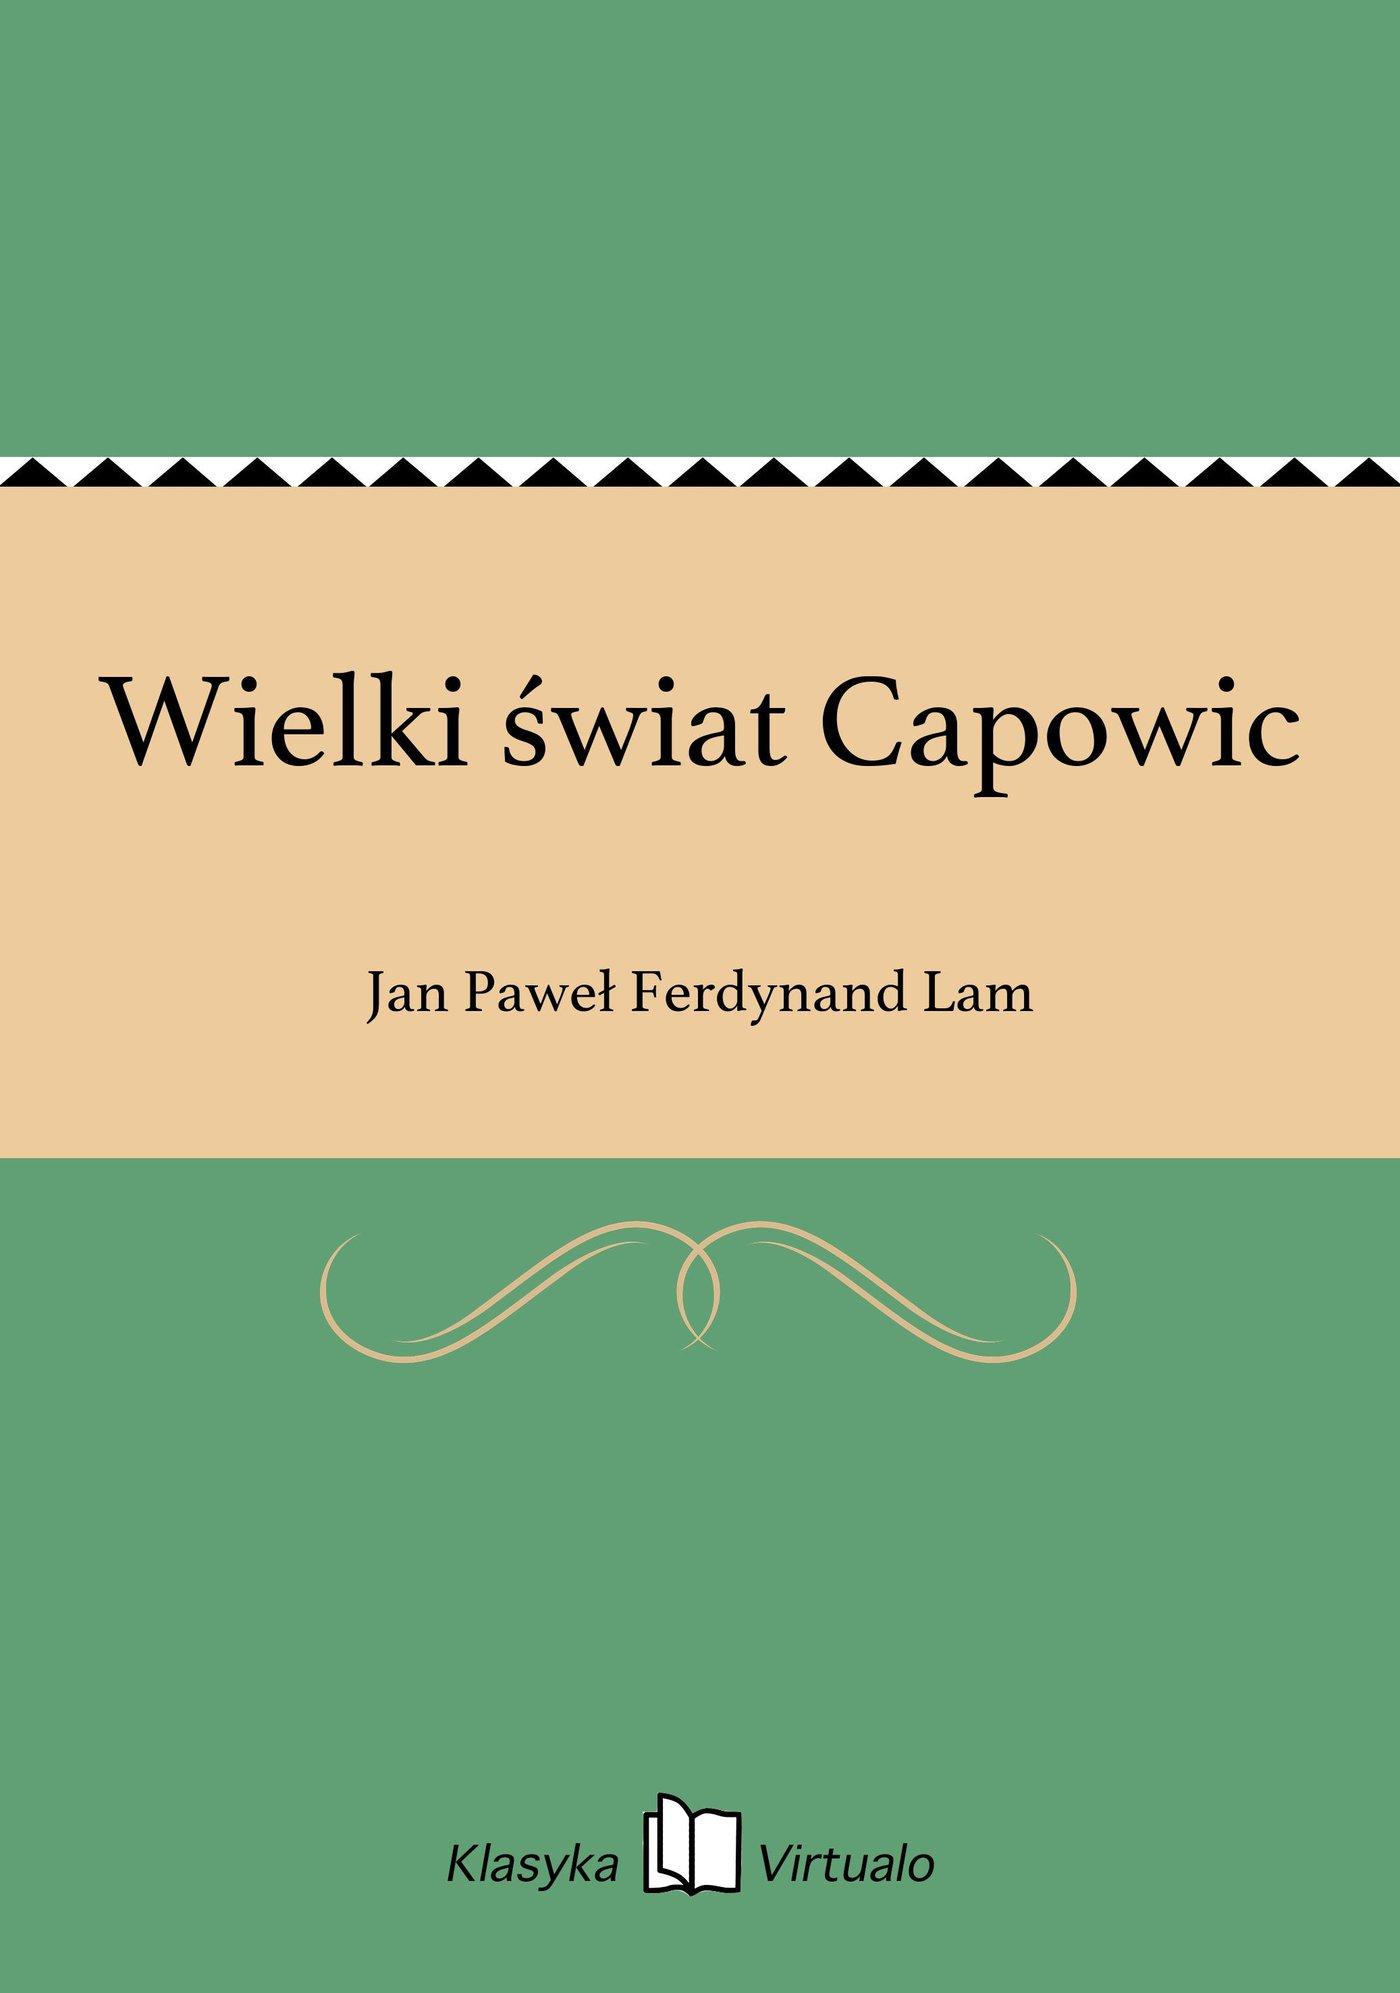 Wielki świat Capowic - Ebook (Książka EPUB) do pobrania w formacie EPUB